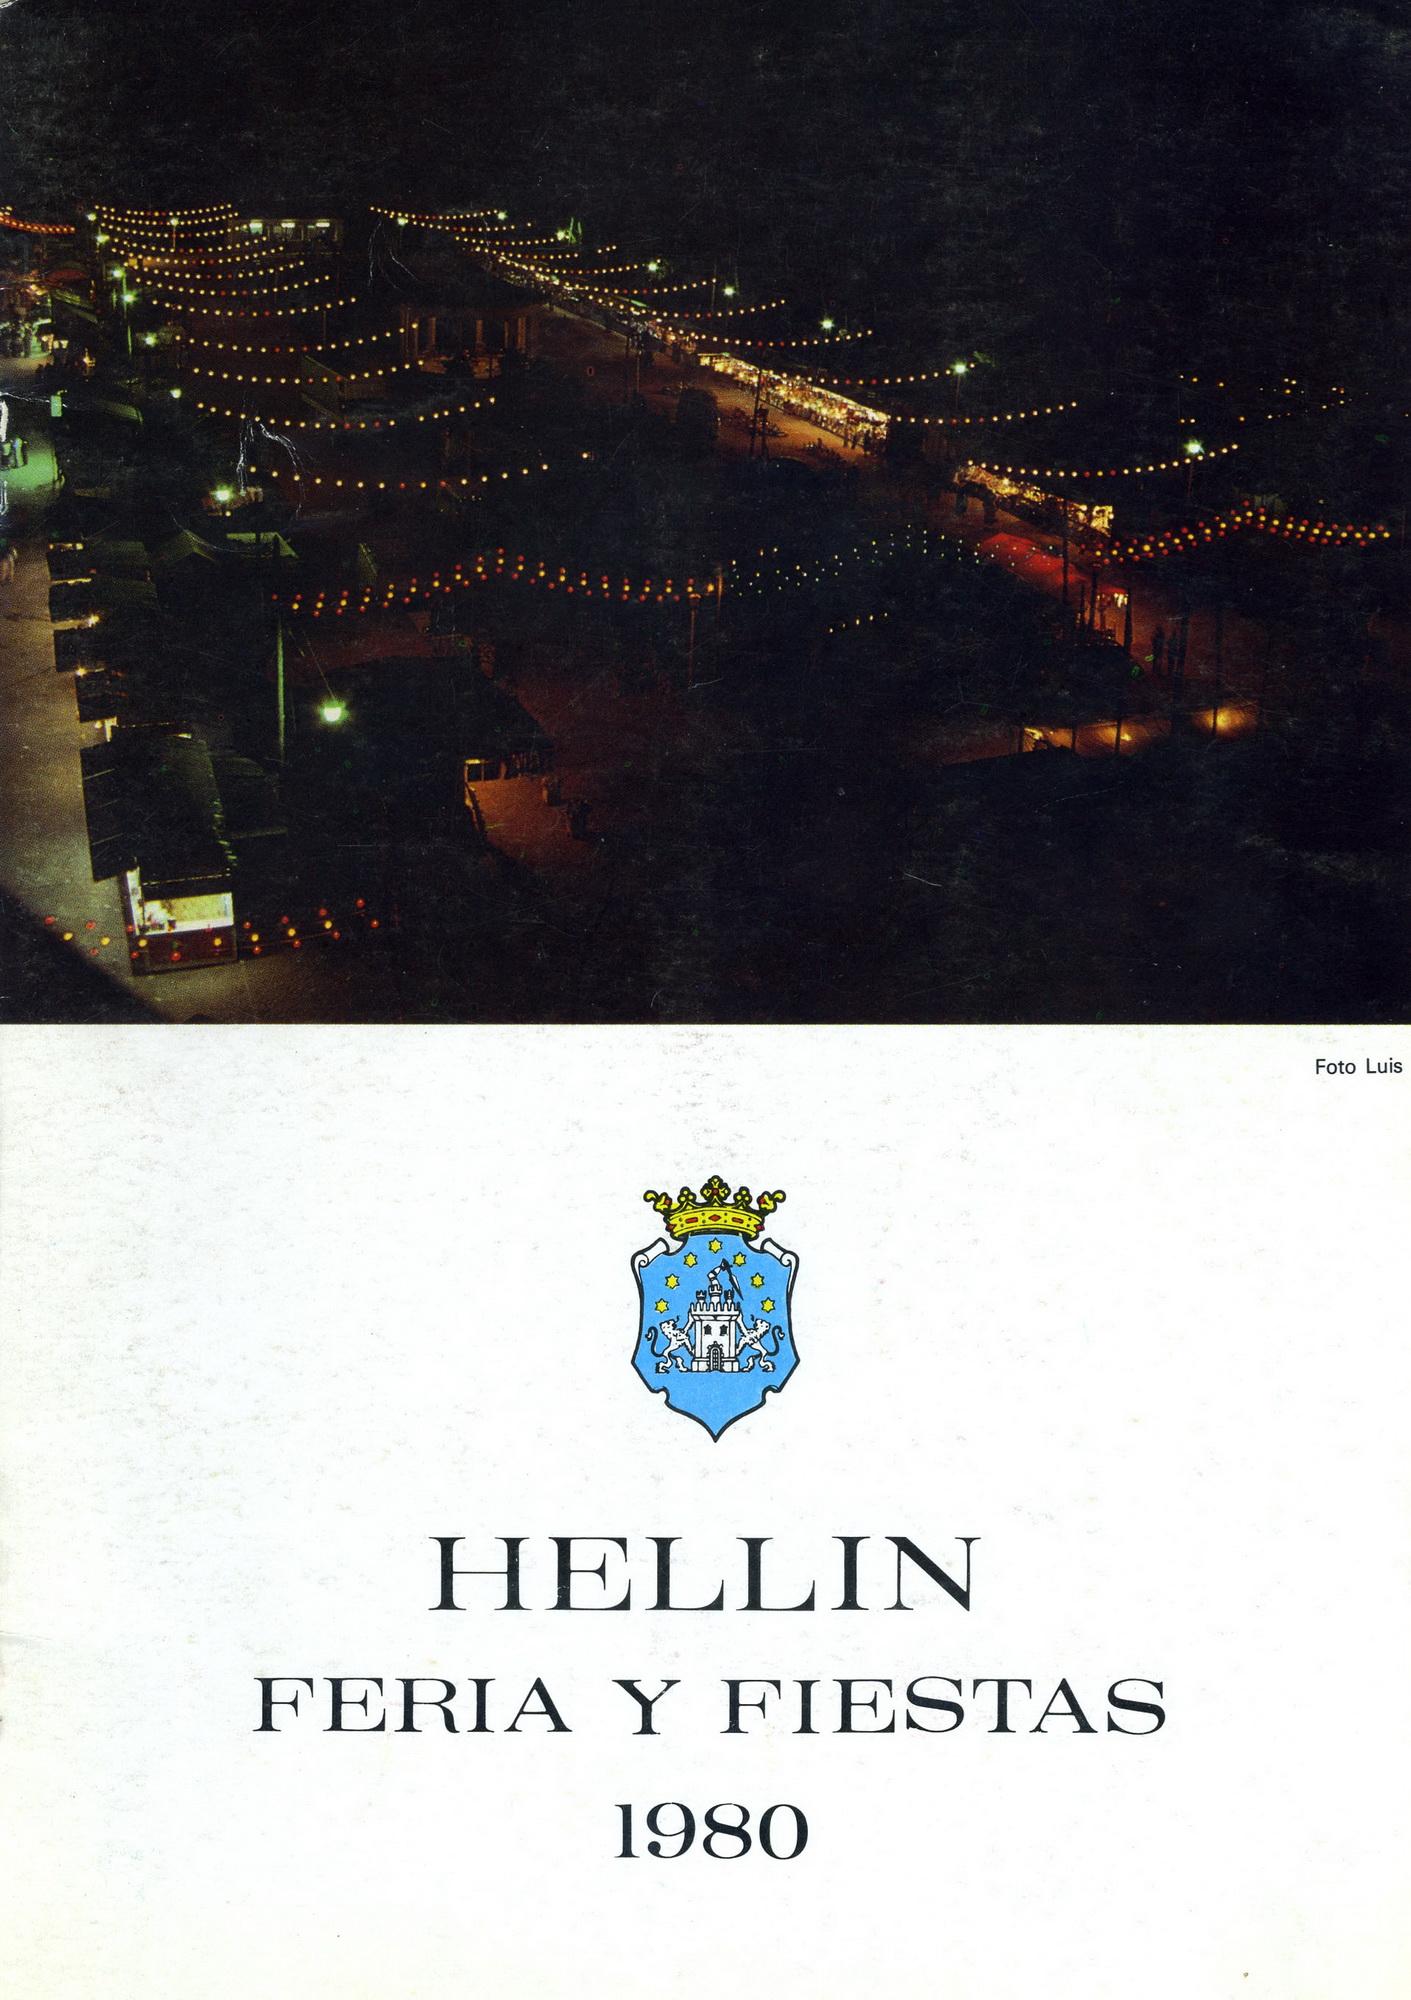 Programa de la Feria de Hellín - 1980